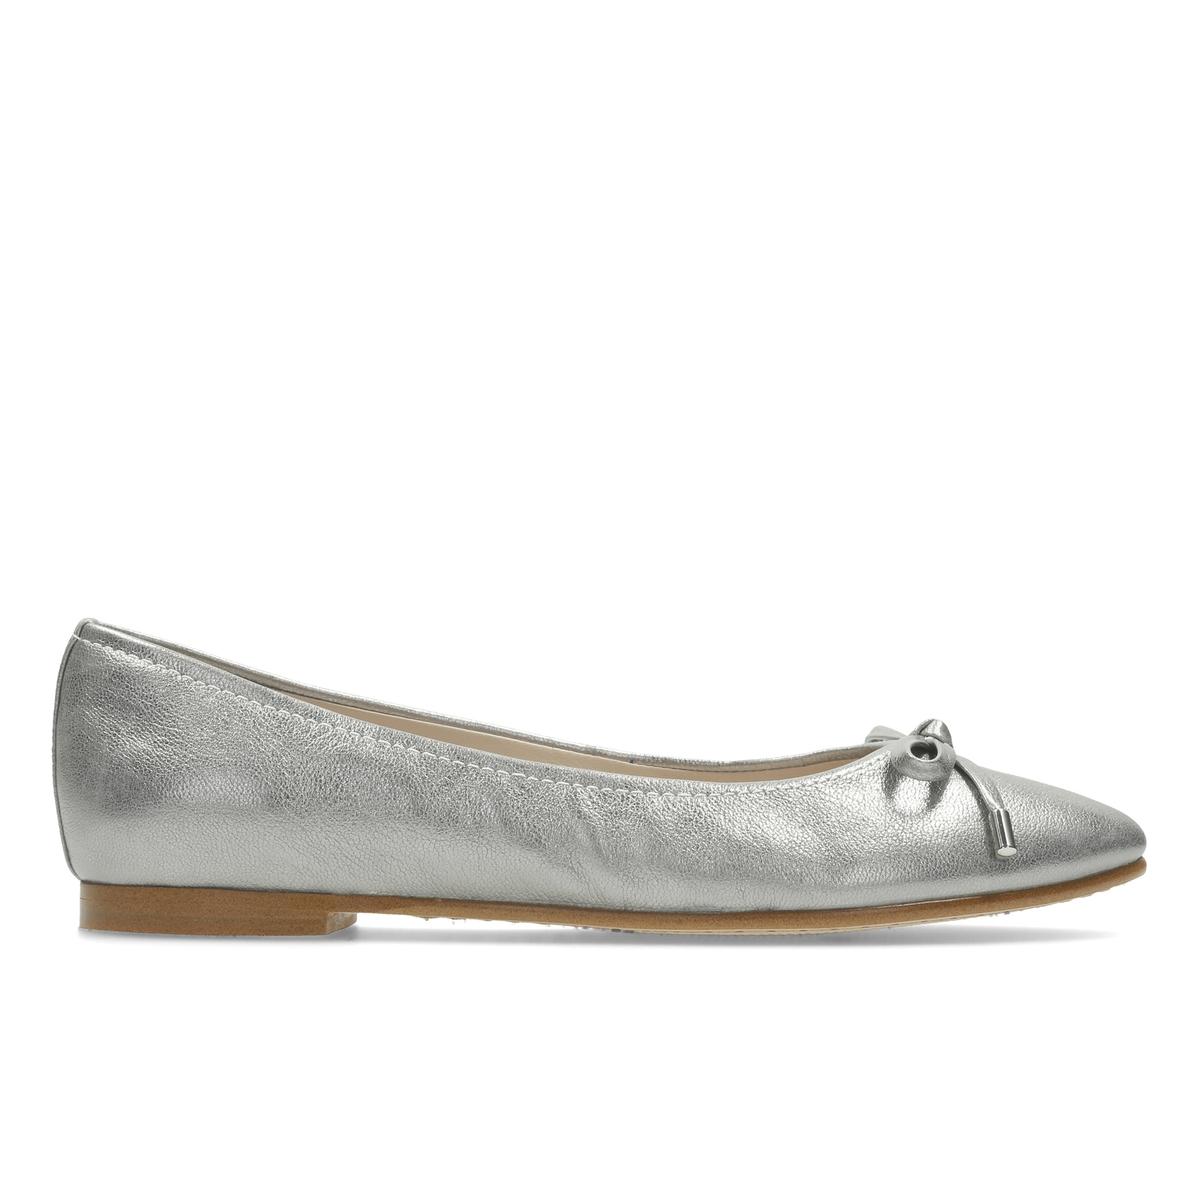 Балетки Grace LilyВерх : Кожа.   Подкладка : Кожа.   Стелька : Кожа.   Подошва : Каучук   Высота каблука : 1 см.   Форма каблука : плоский каблук   Мысок : закругленный   Застежка : Без застежки<br><br>Цвет: серебристый